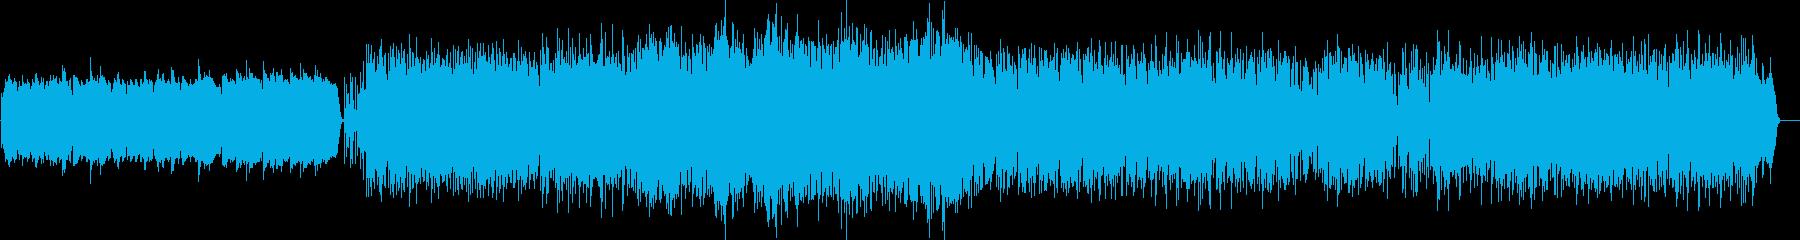 クラブジャズ風ミディアムバラードの再生済みの波形